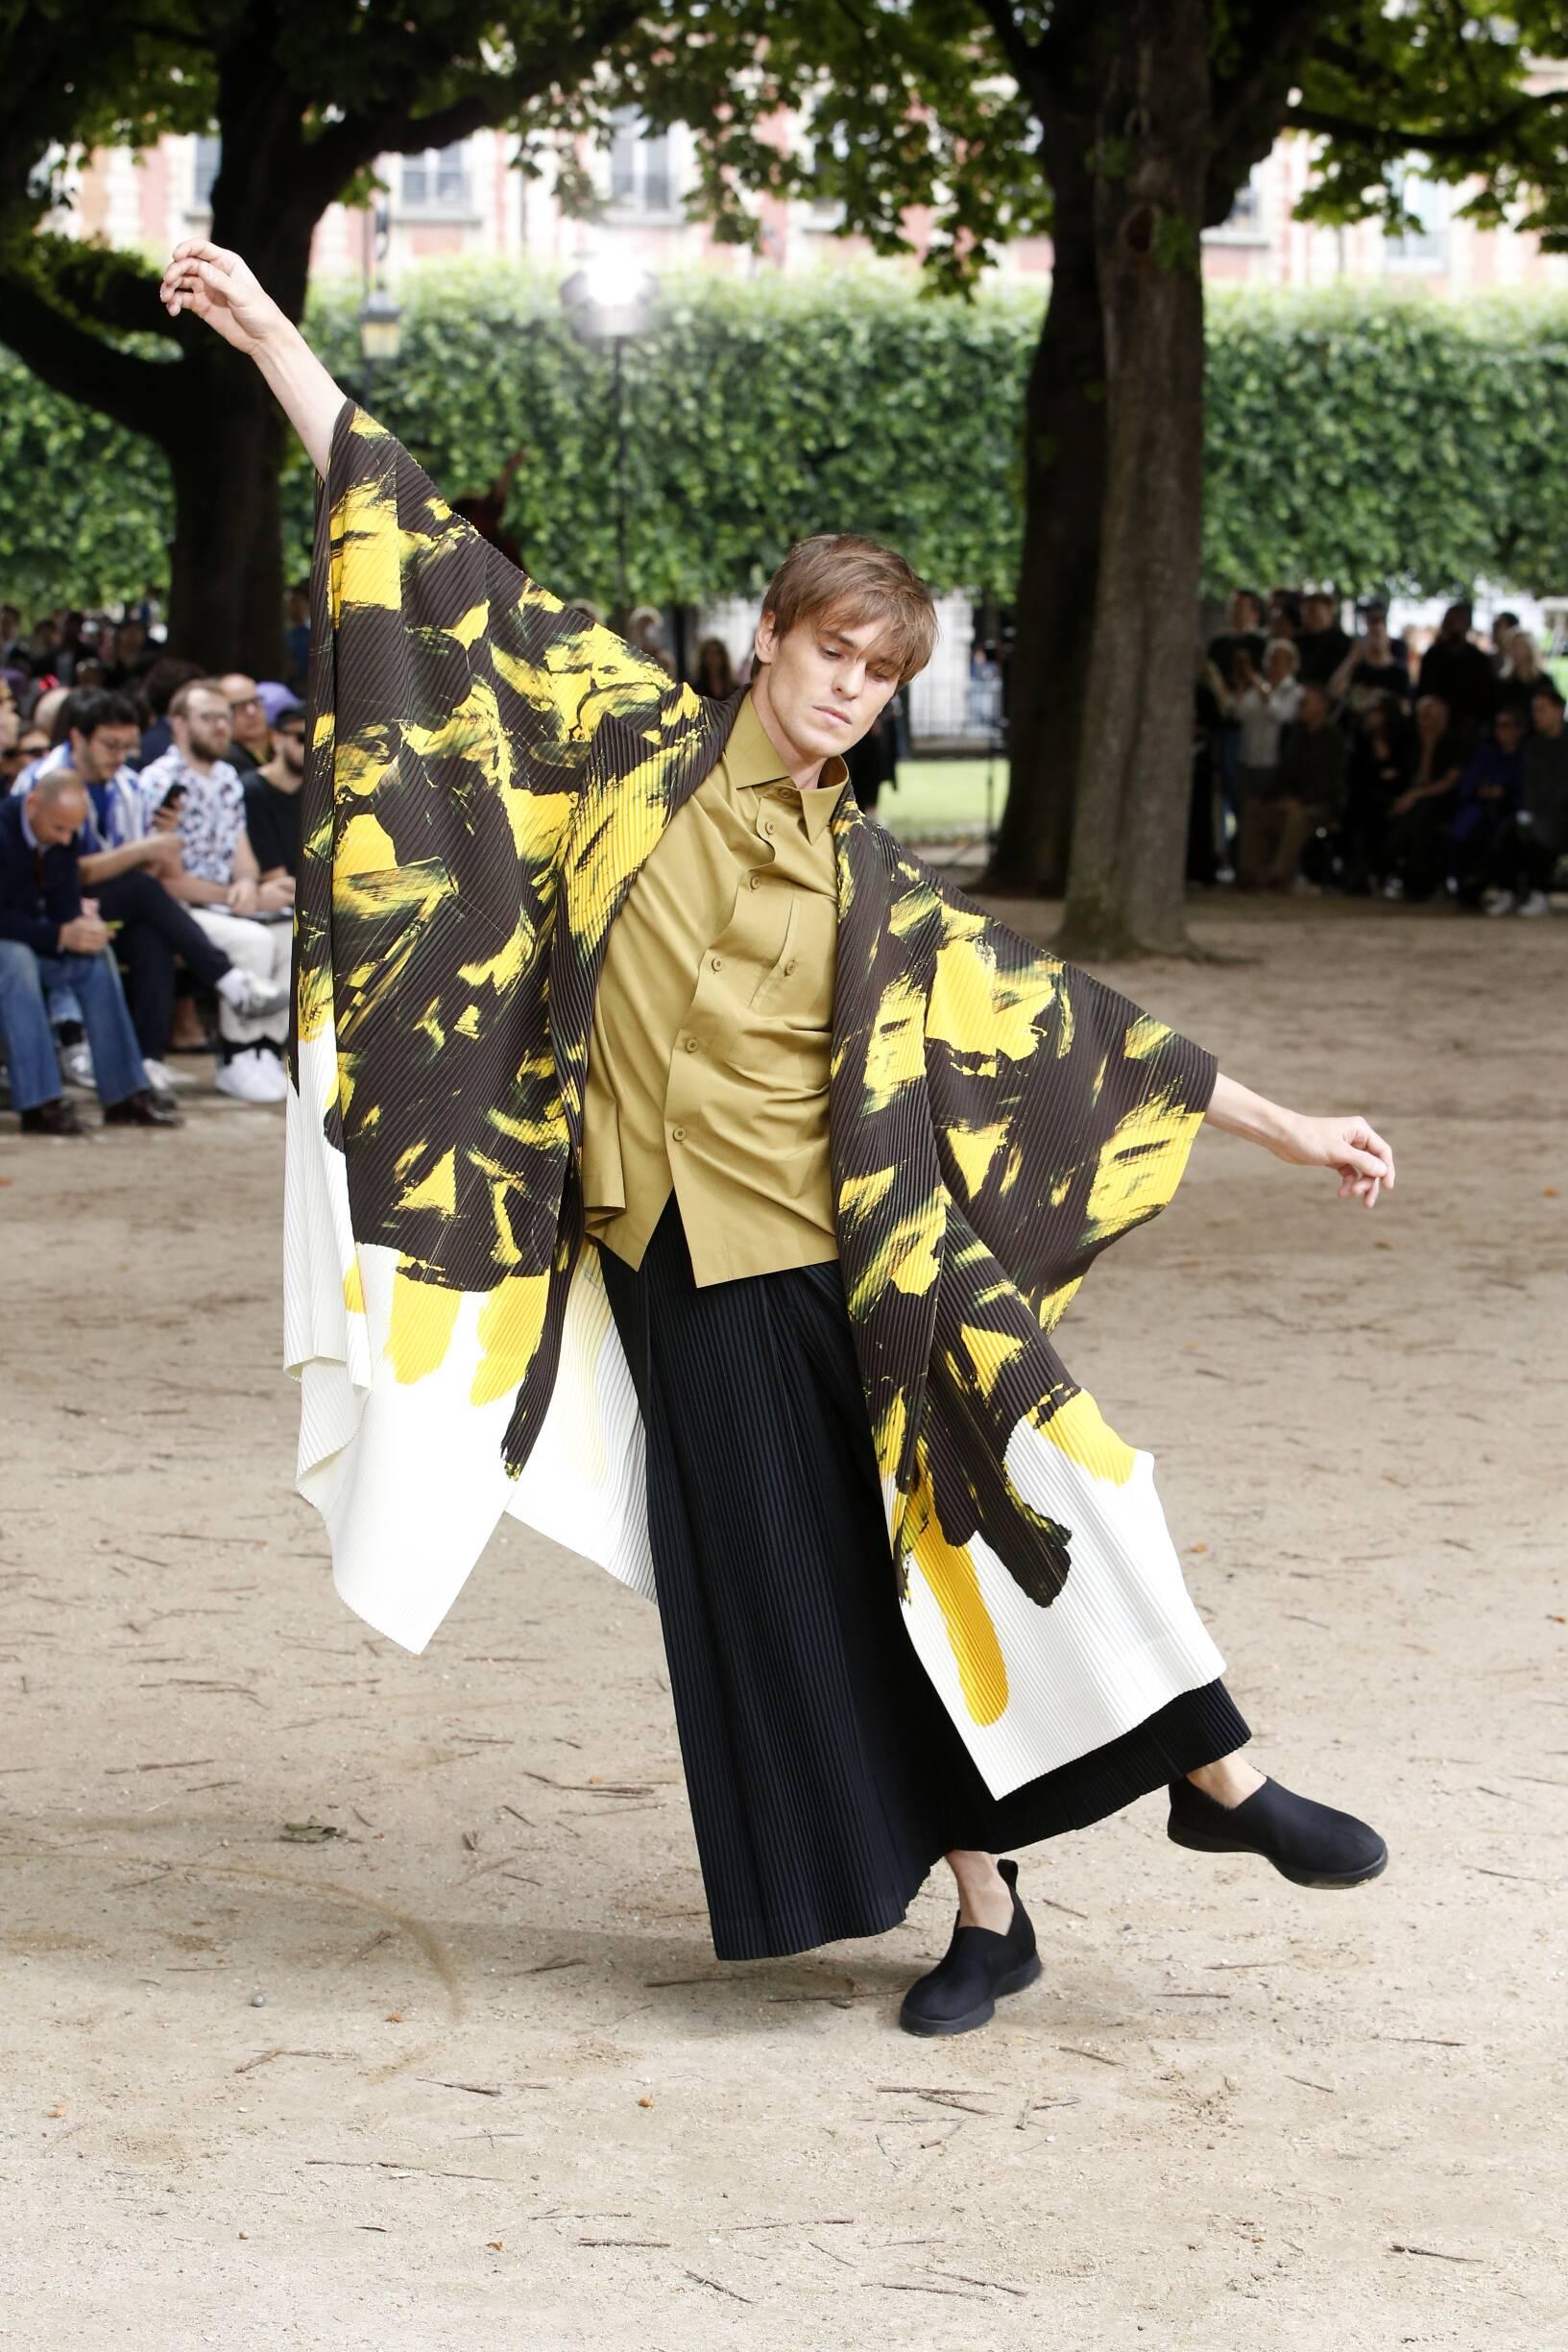 Catwalk Issey Miyake Man Fashion Show Summer 2020